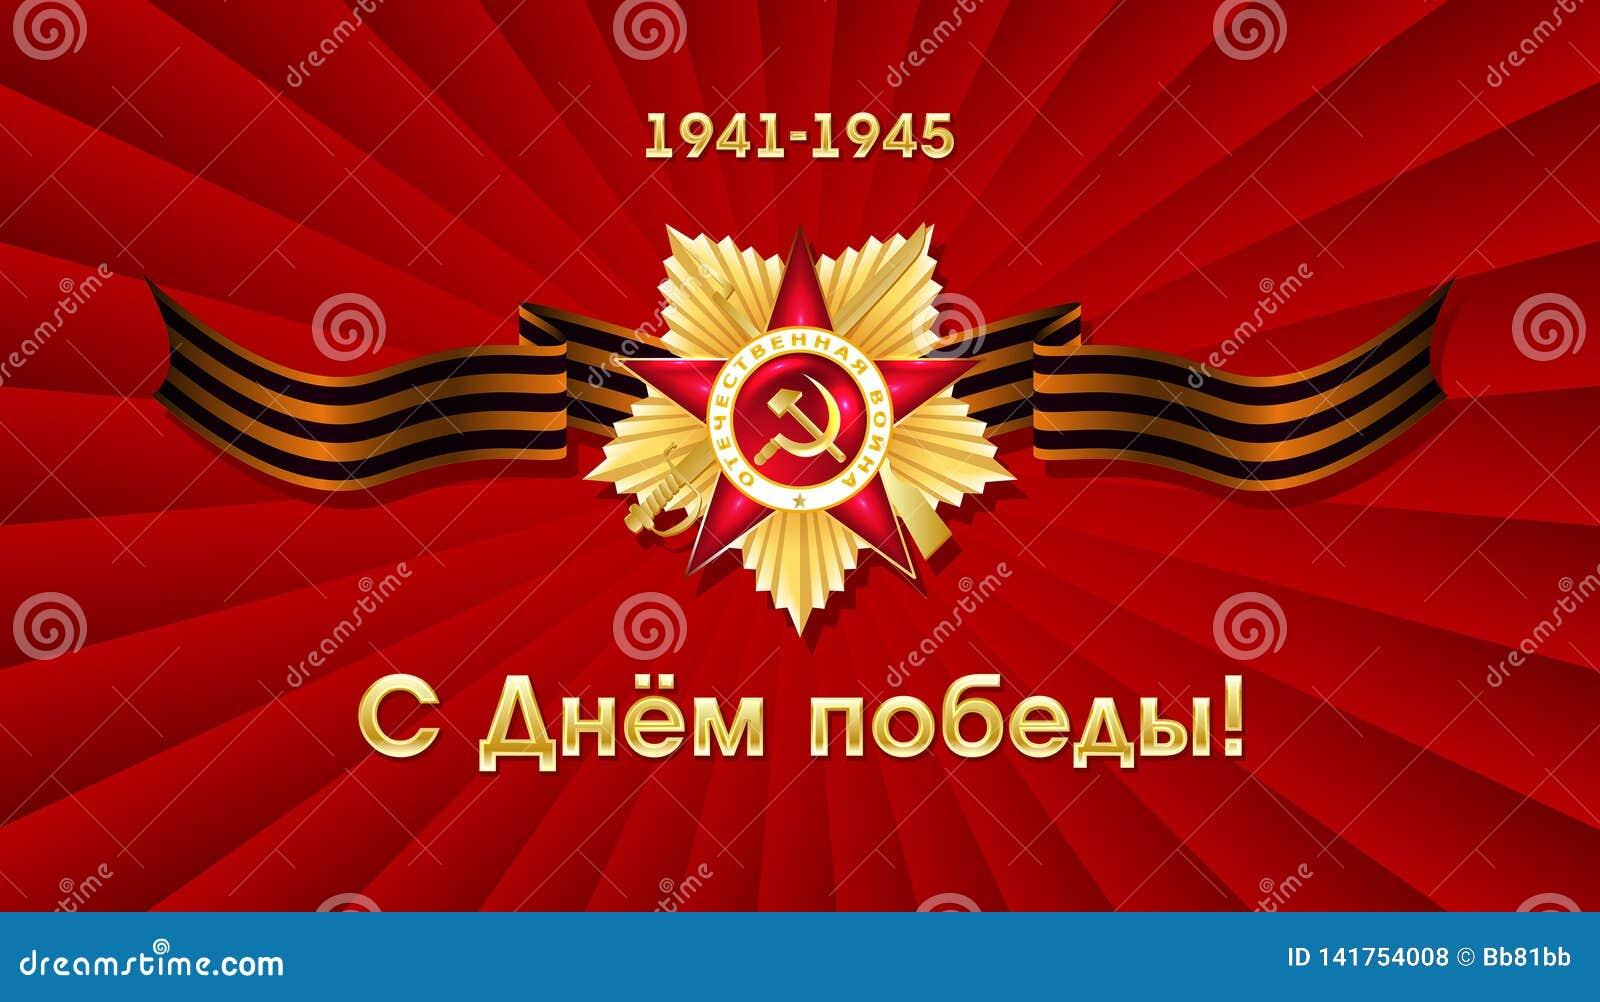 Maja 9 rosjanina zwycięstwa wakacyjny dzień 40 zwalczają się już dni chwały wieczne faszyzm kwiatów pamięci bohaterów honoru duży